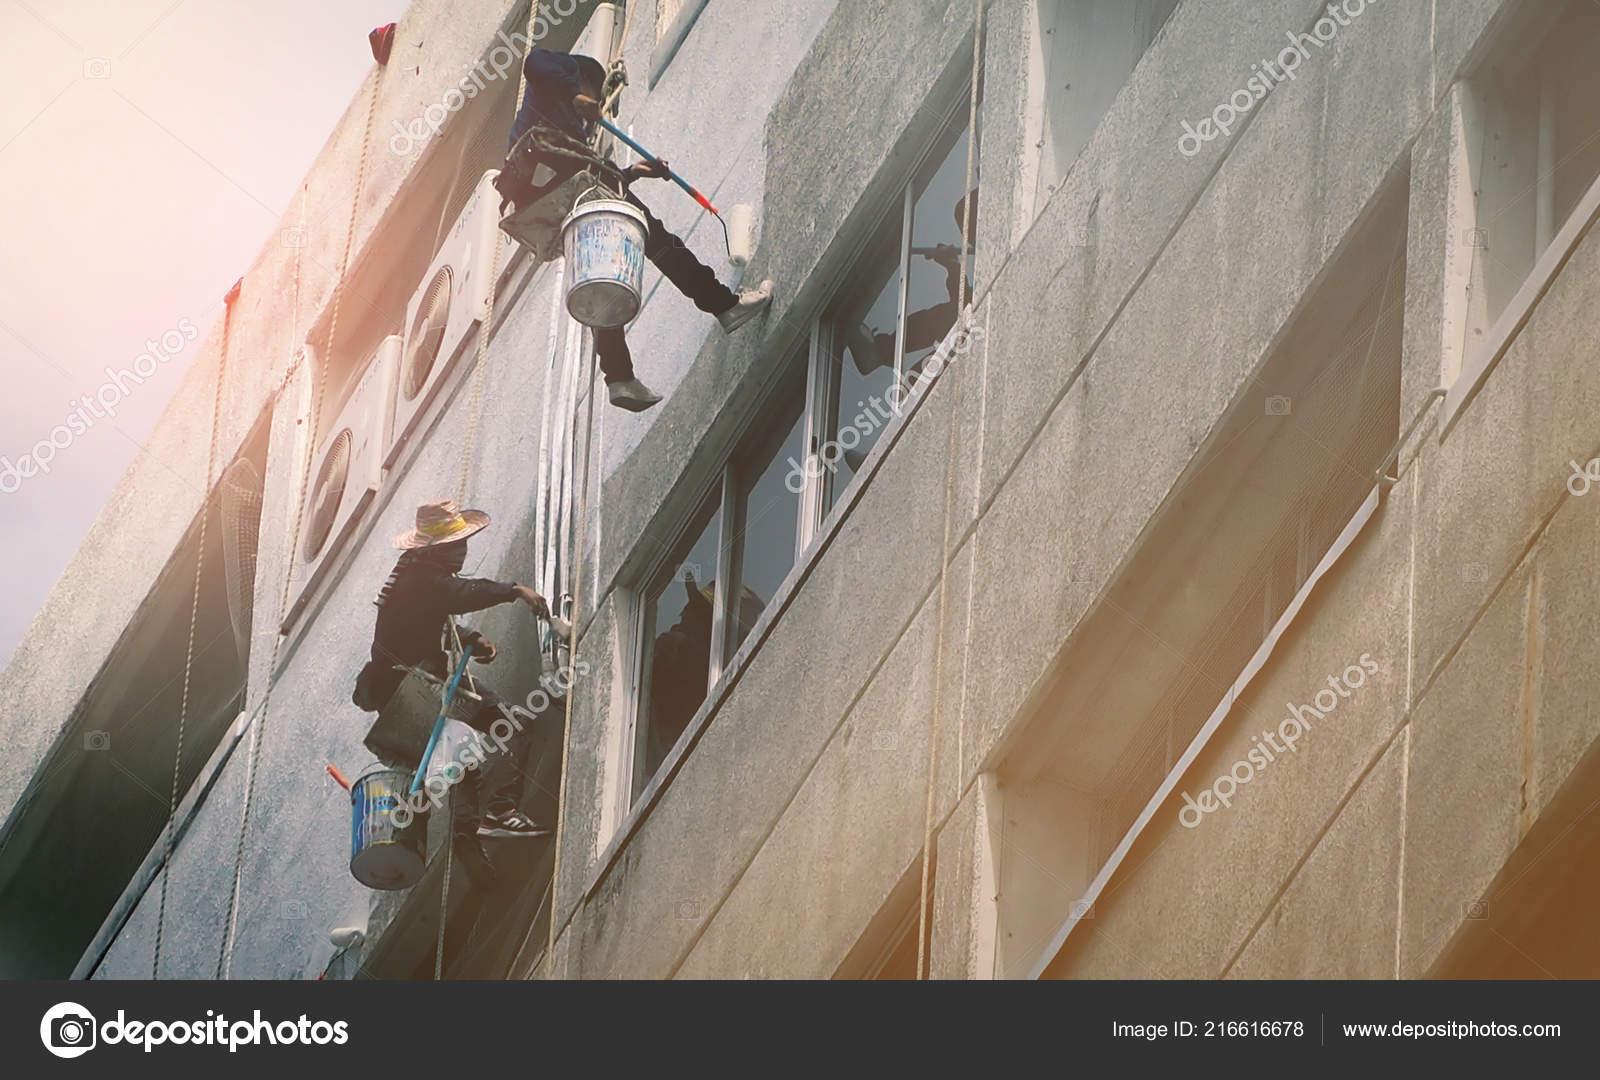 絵画壁高層建物の労働者のチーム 画家は ローラーでオフィスビル